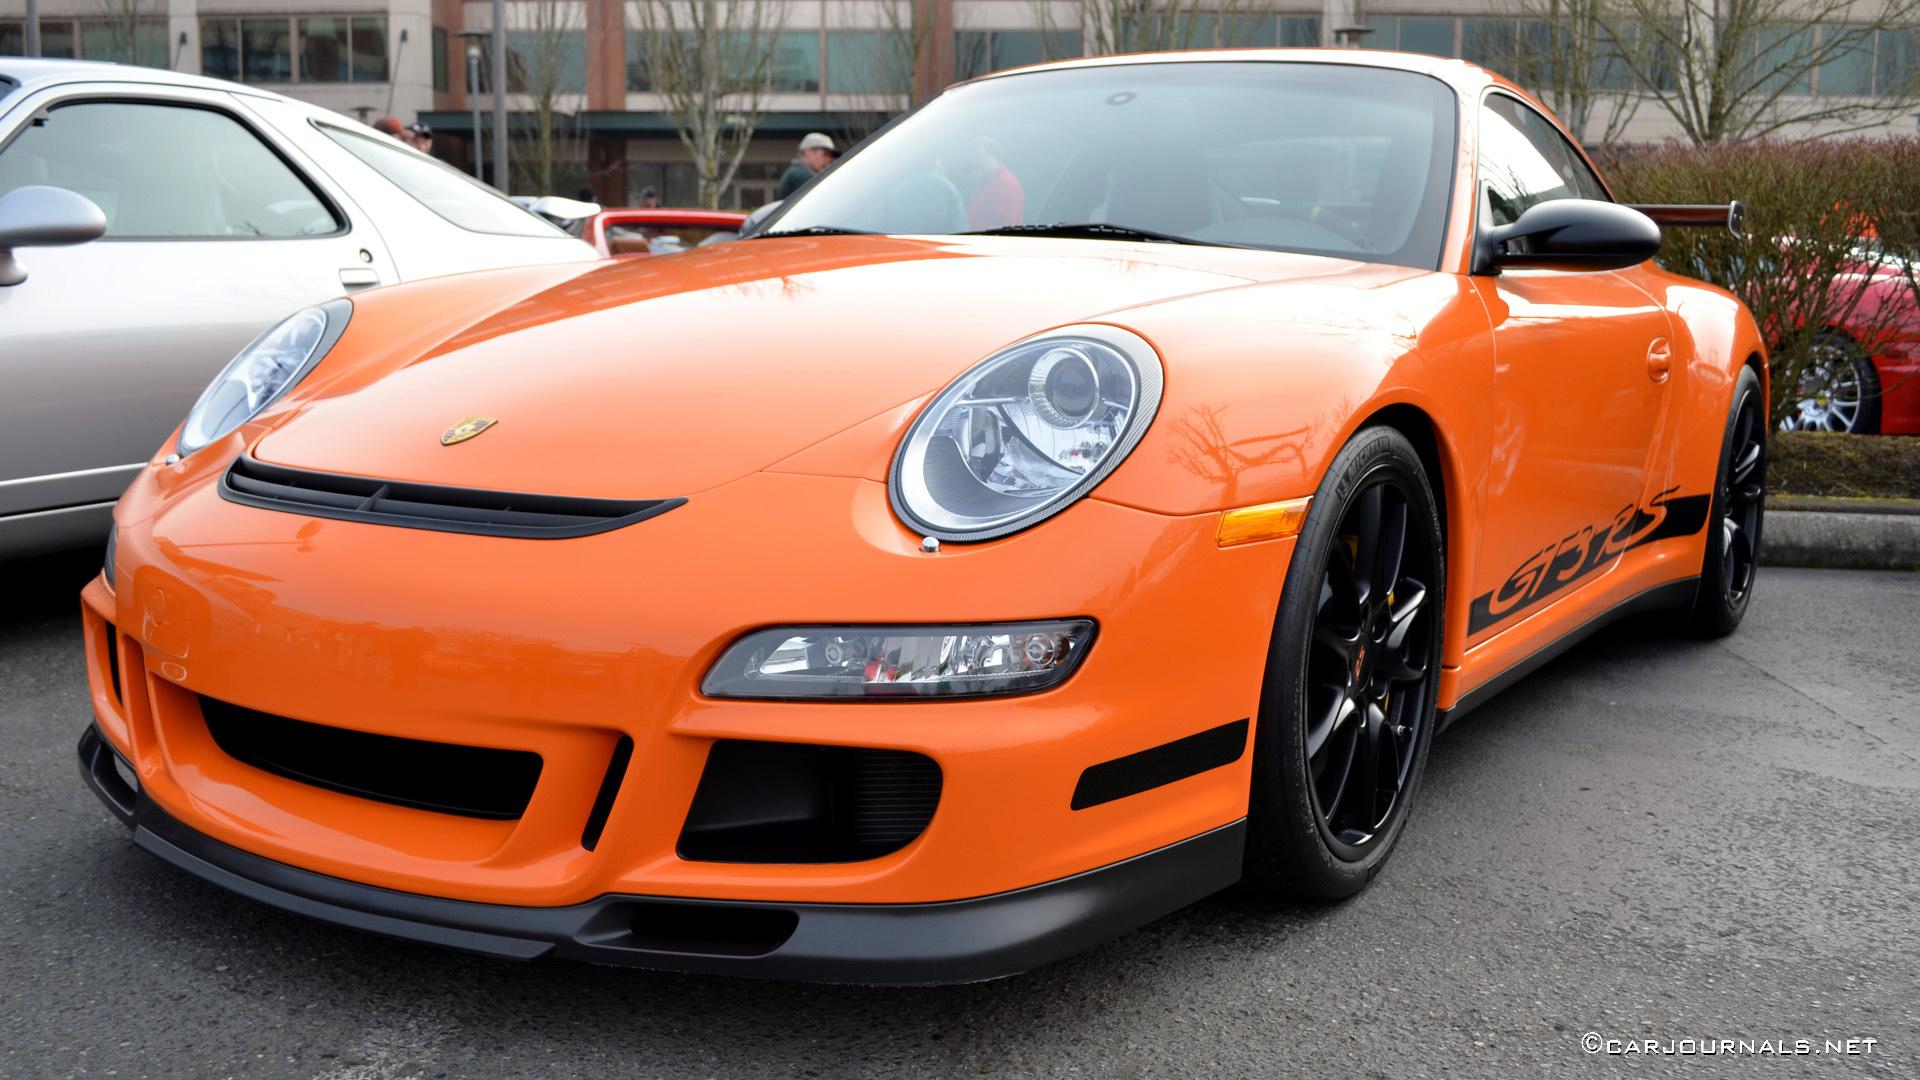 HD Car Wallpapers – Porsche GT3 RS - Car Journals